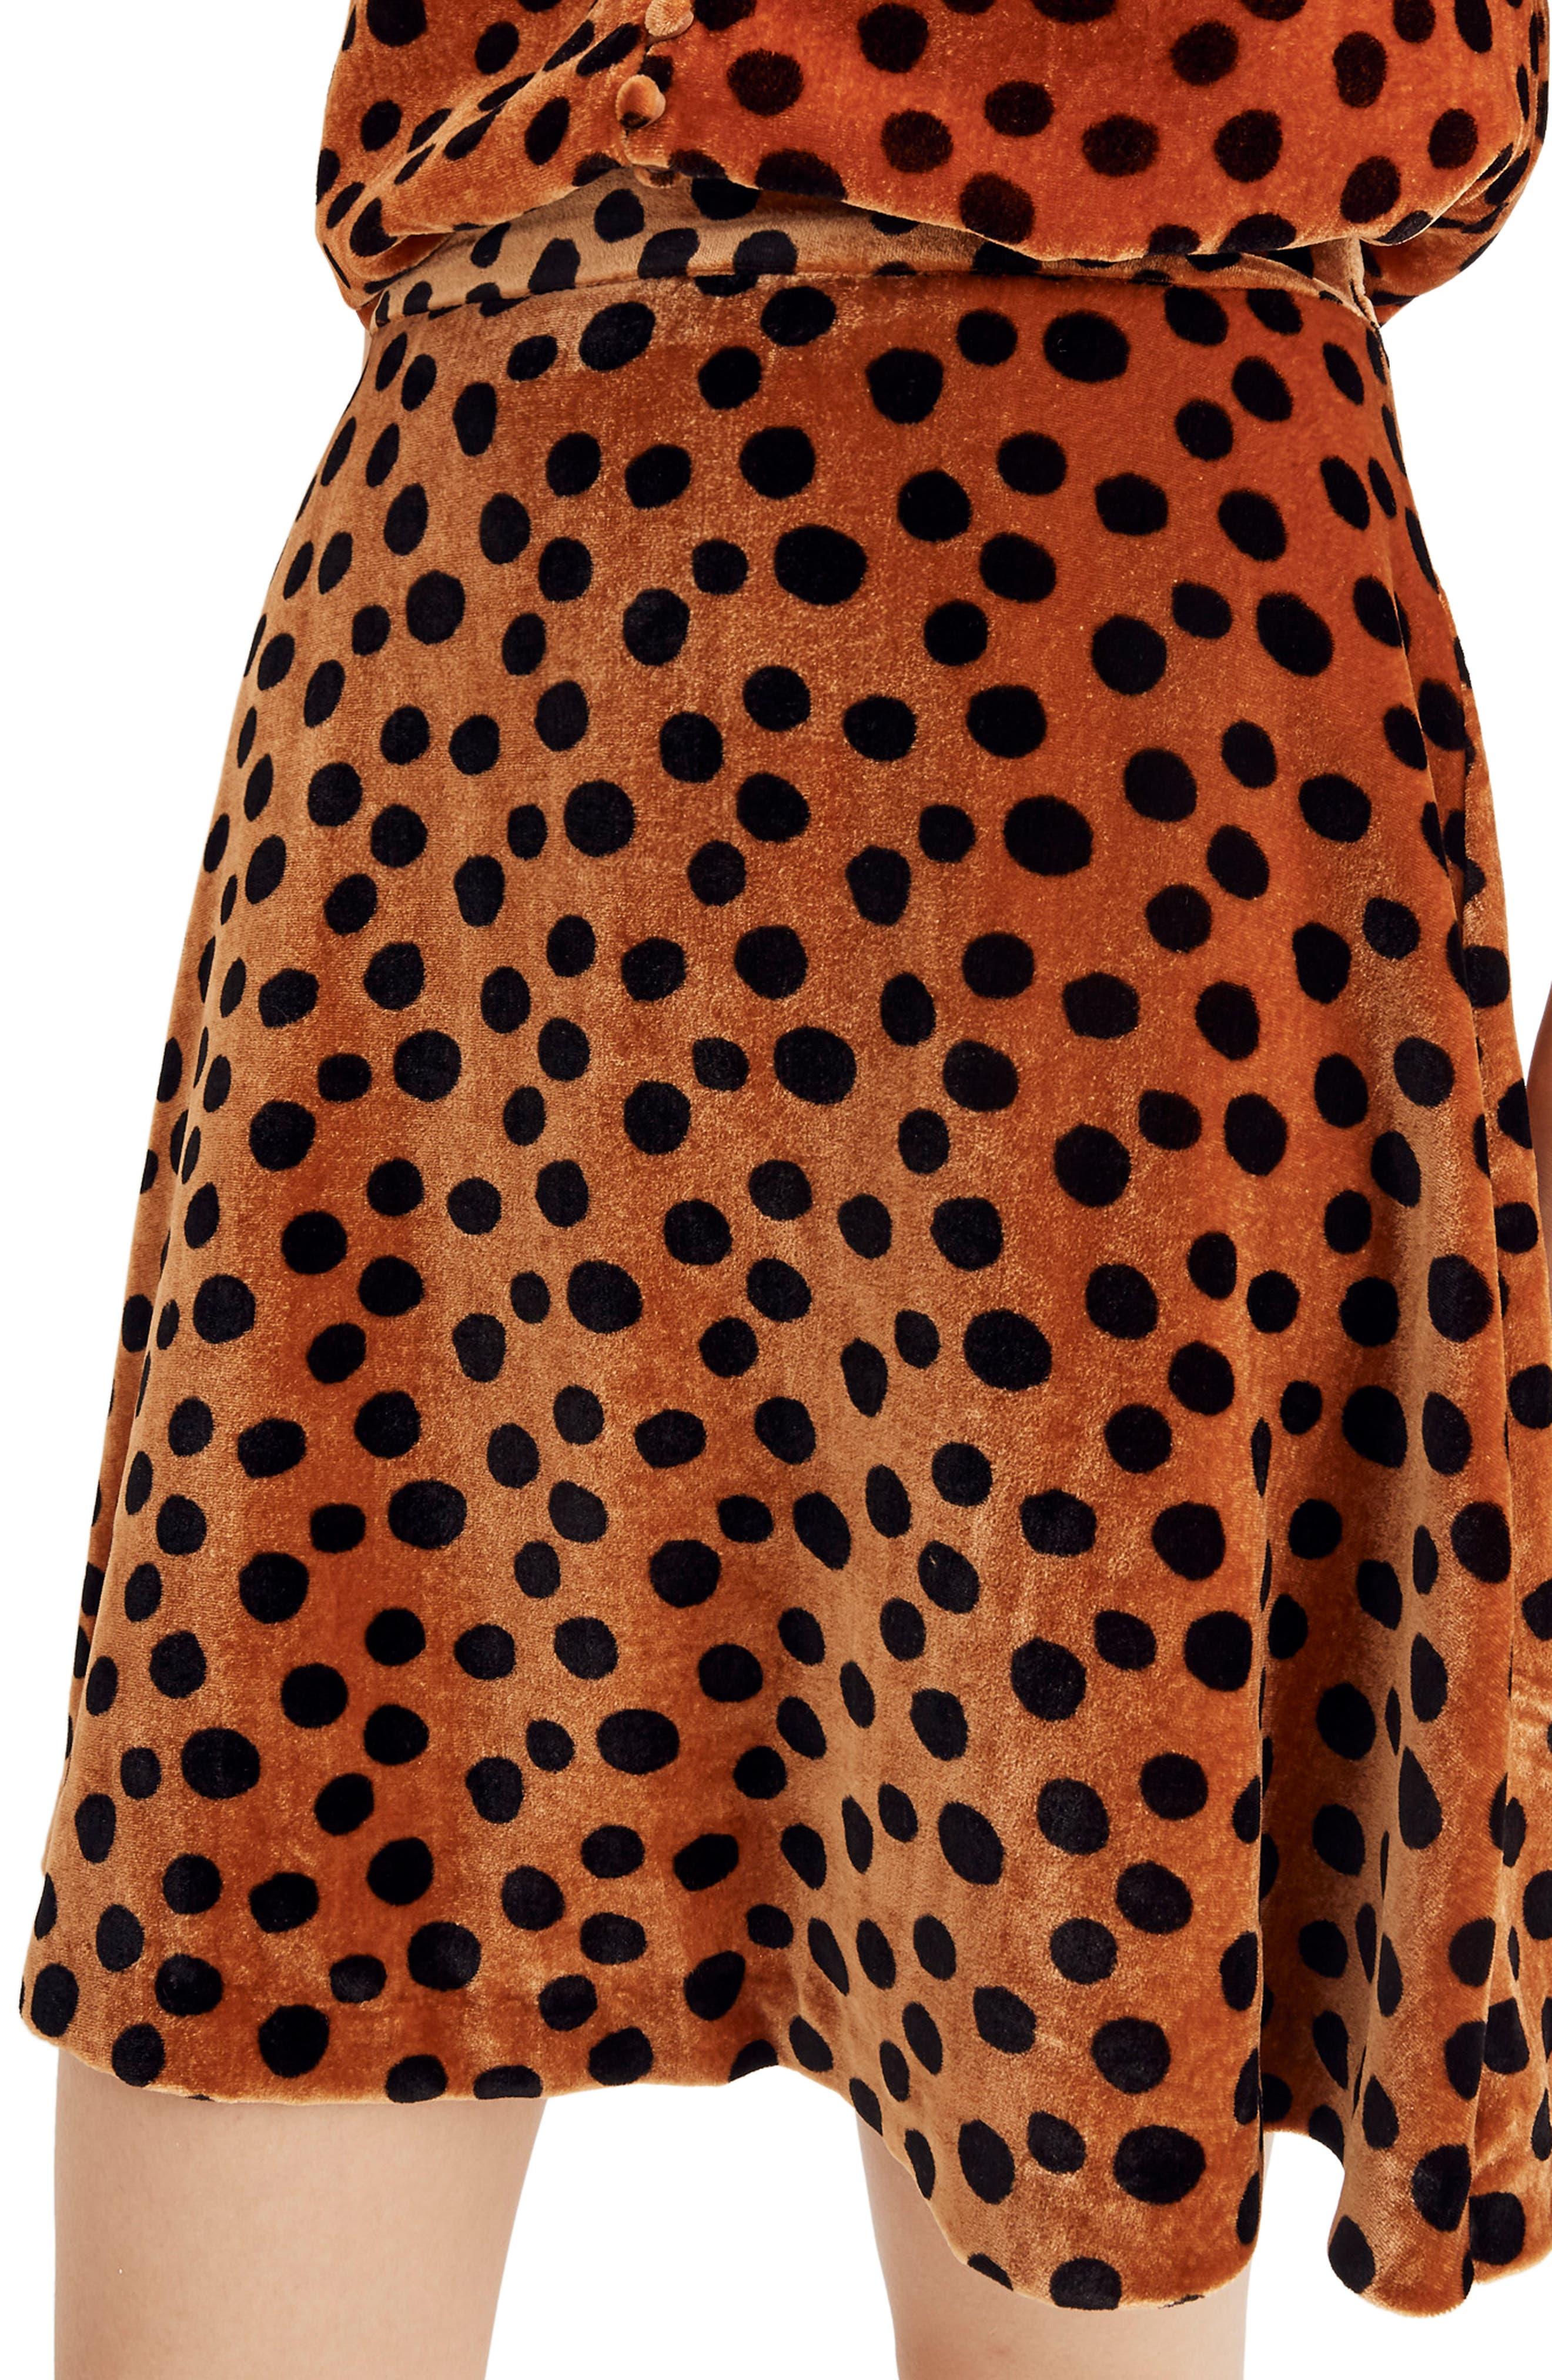 Velvet Circle Miniskirt,                             Alternate thumbnail 3, color,                             LEOPARD DOT BURNT SIENNA